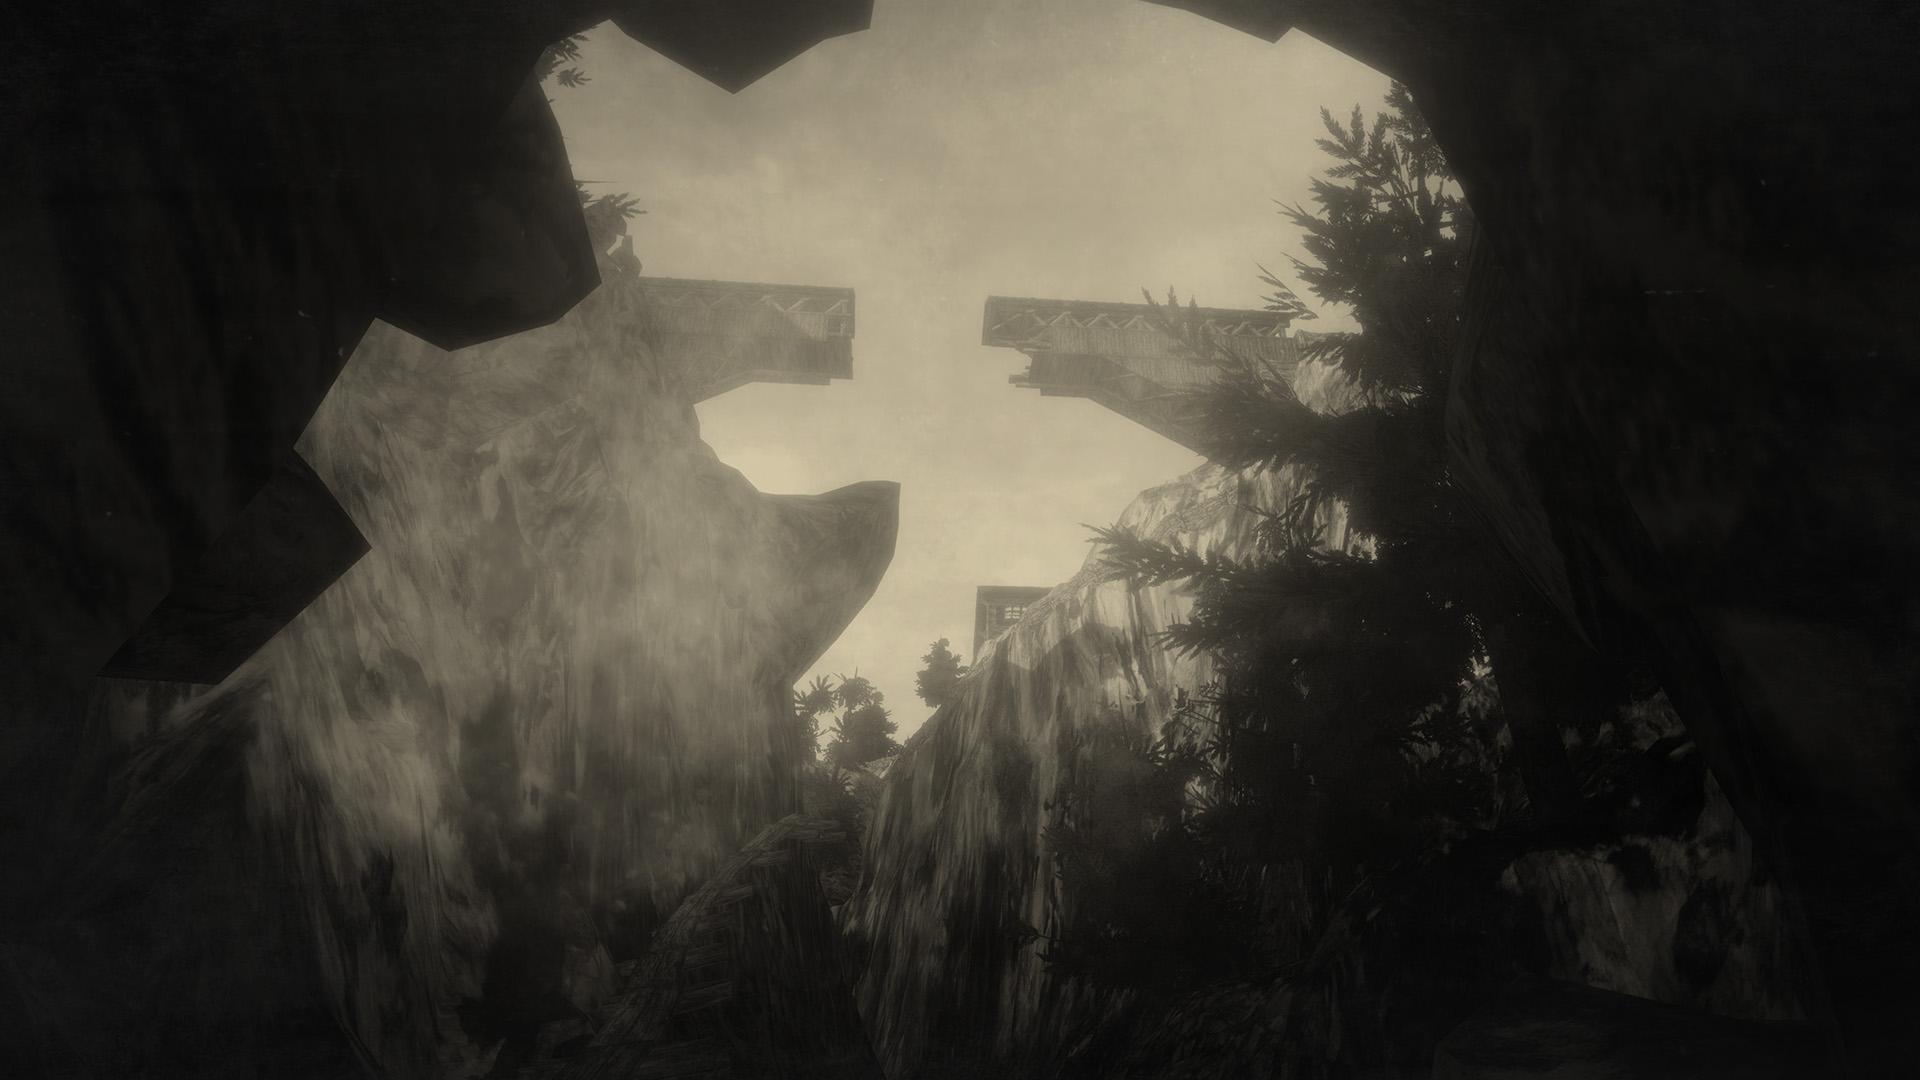 Ein Screenshout aus Mundaun. Zu sehen ist eine Brücke, die aus einer Felsspalte heraus beobachtet wird